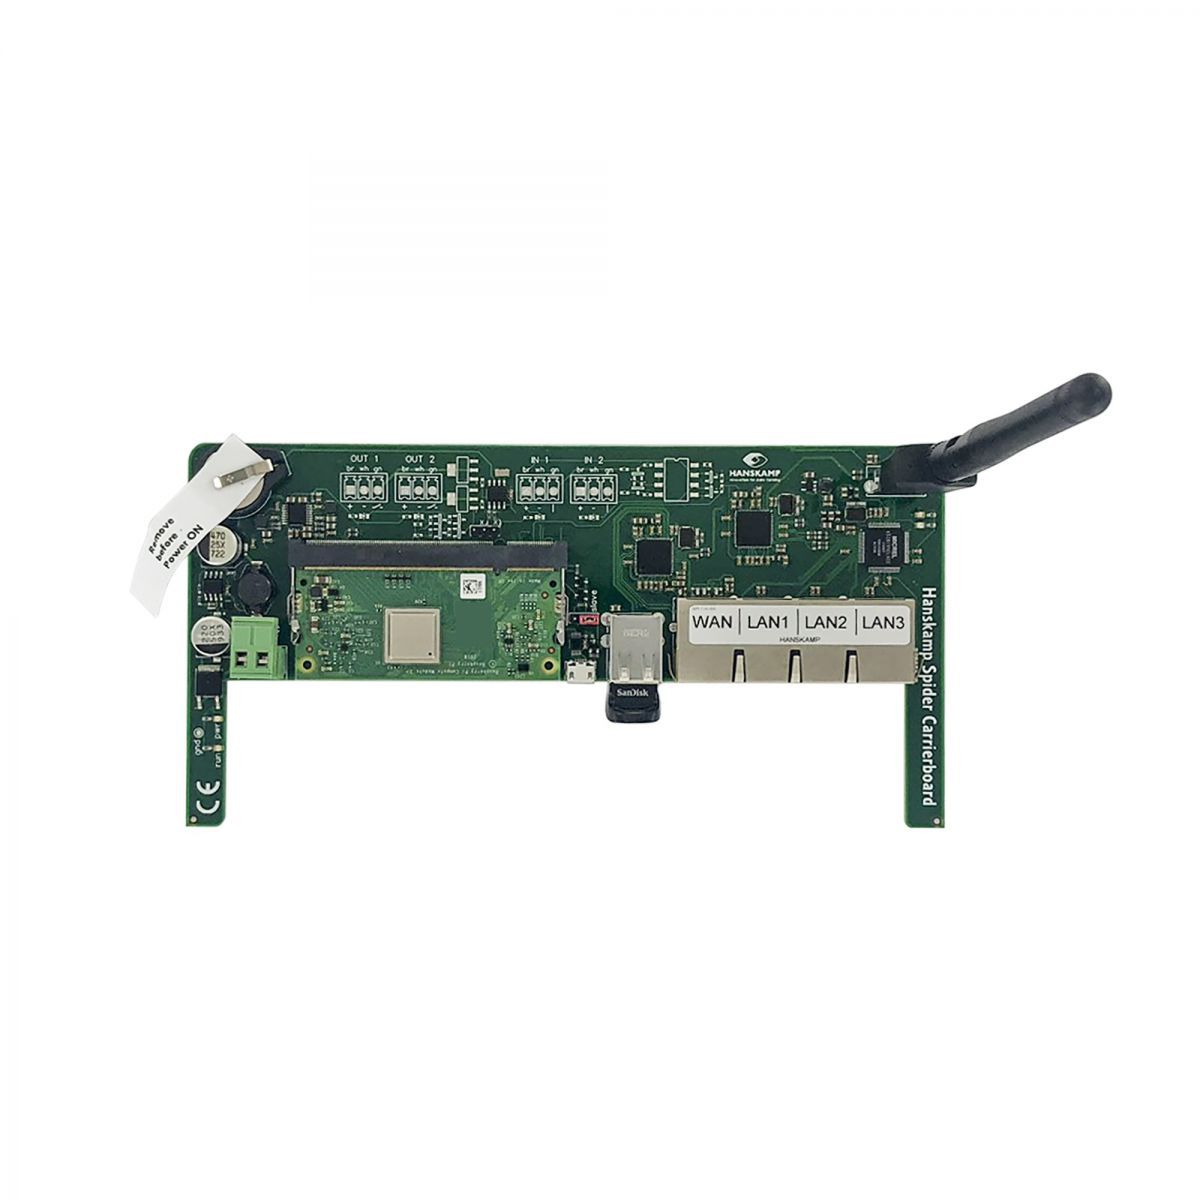 spider carrier board mit switch compute module wifi dongle und konnektor